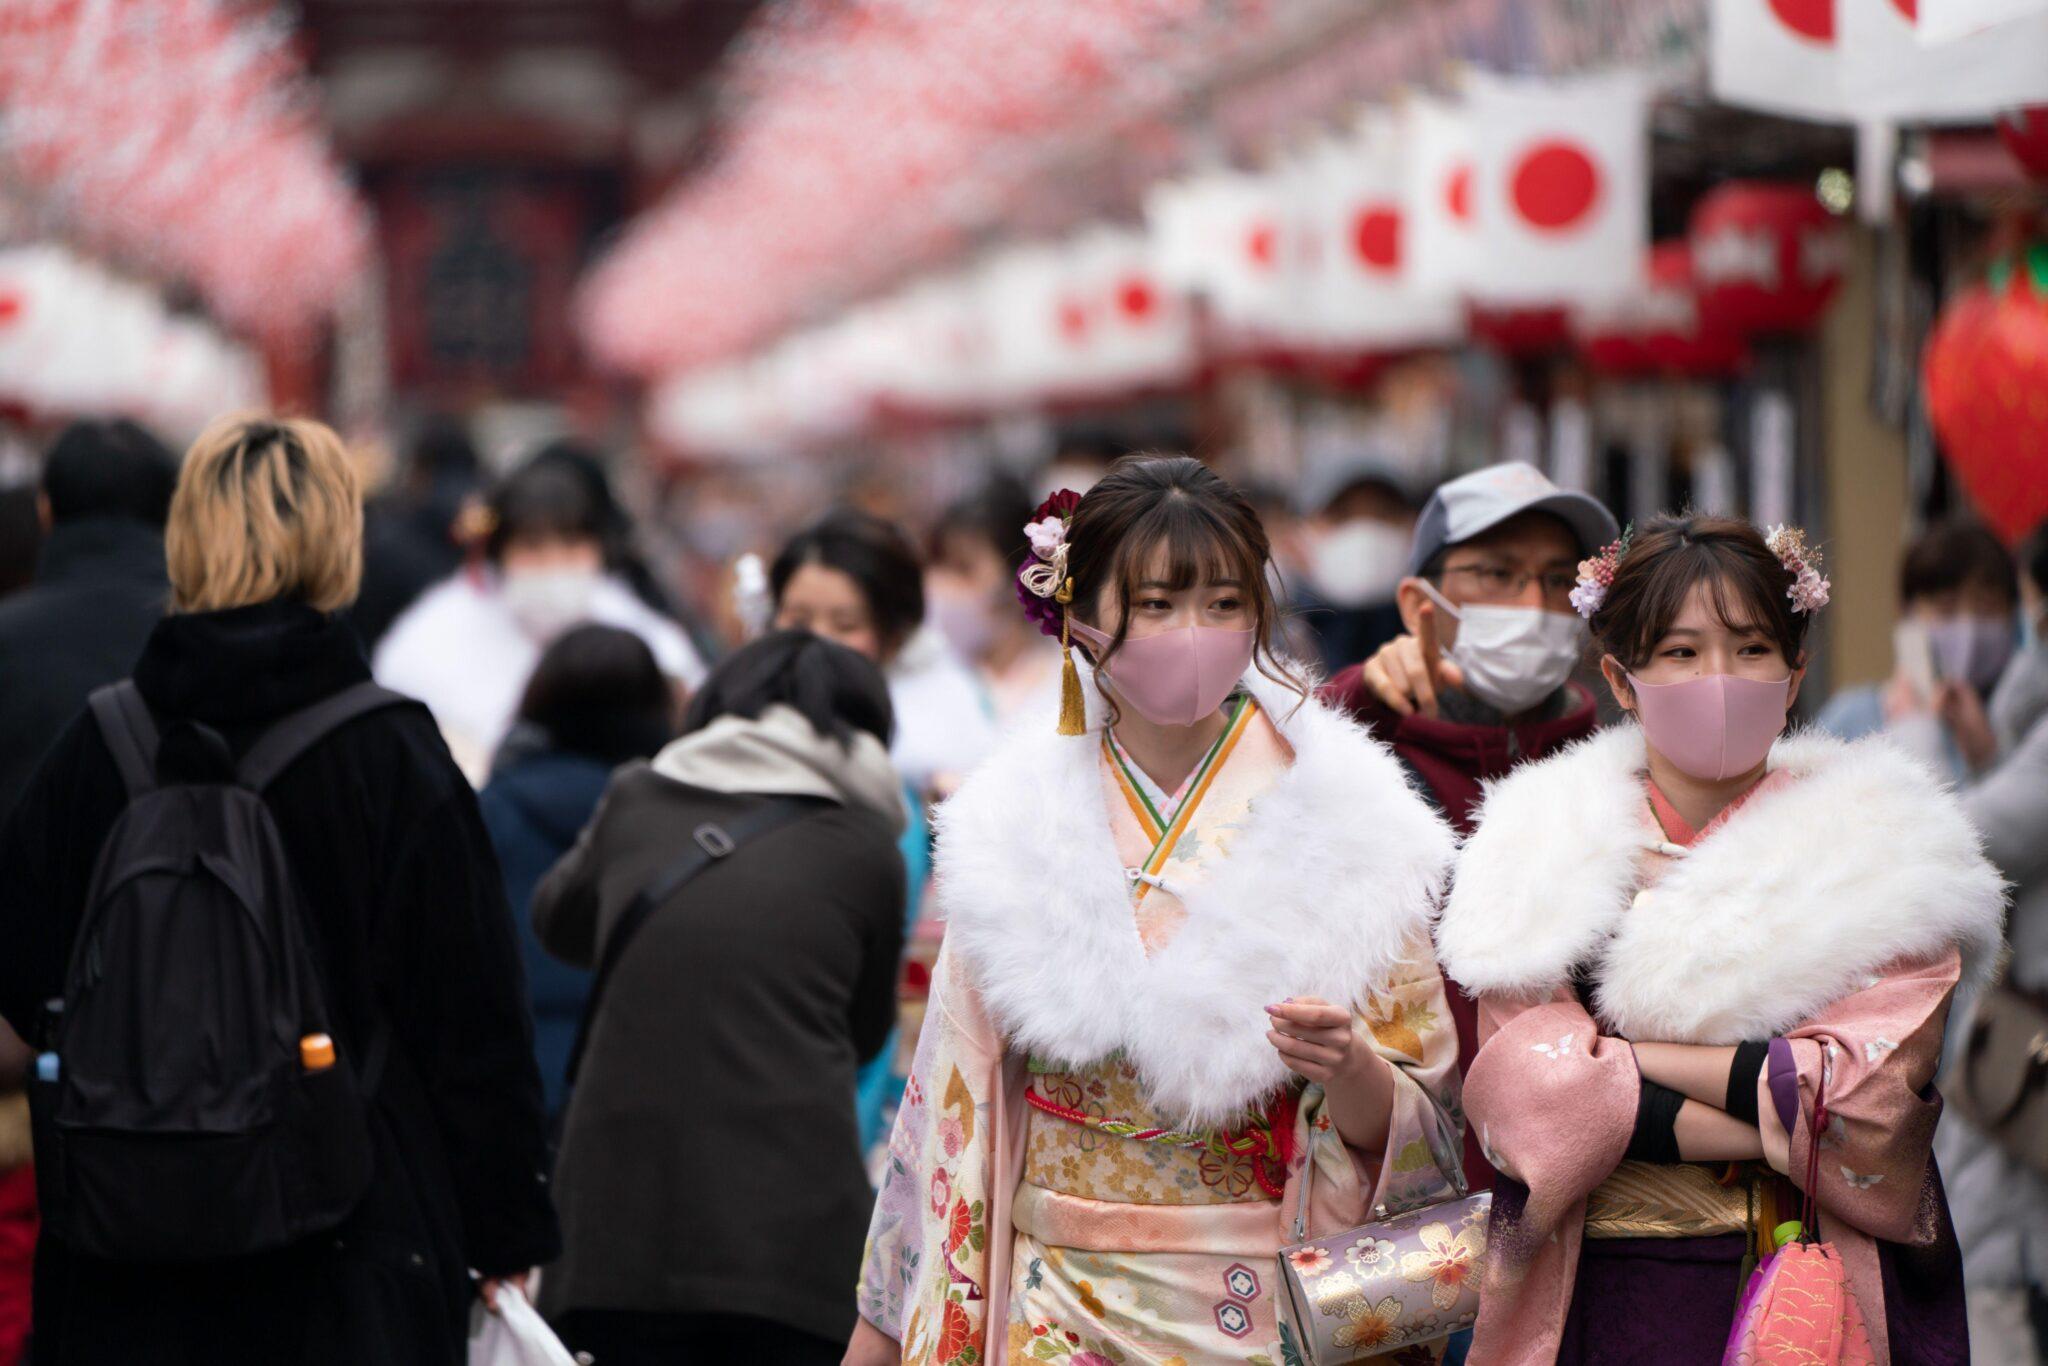 Variante giapponese Covid e vaccino, cosa dicono gli esperti - Centro  Caltagirone